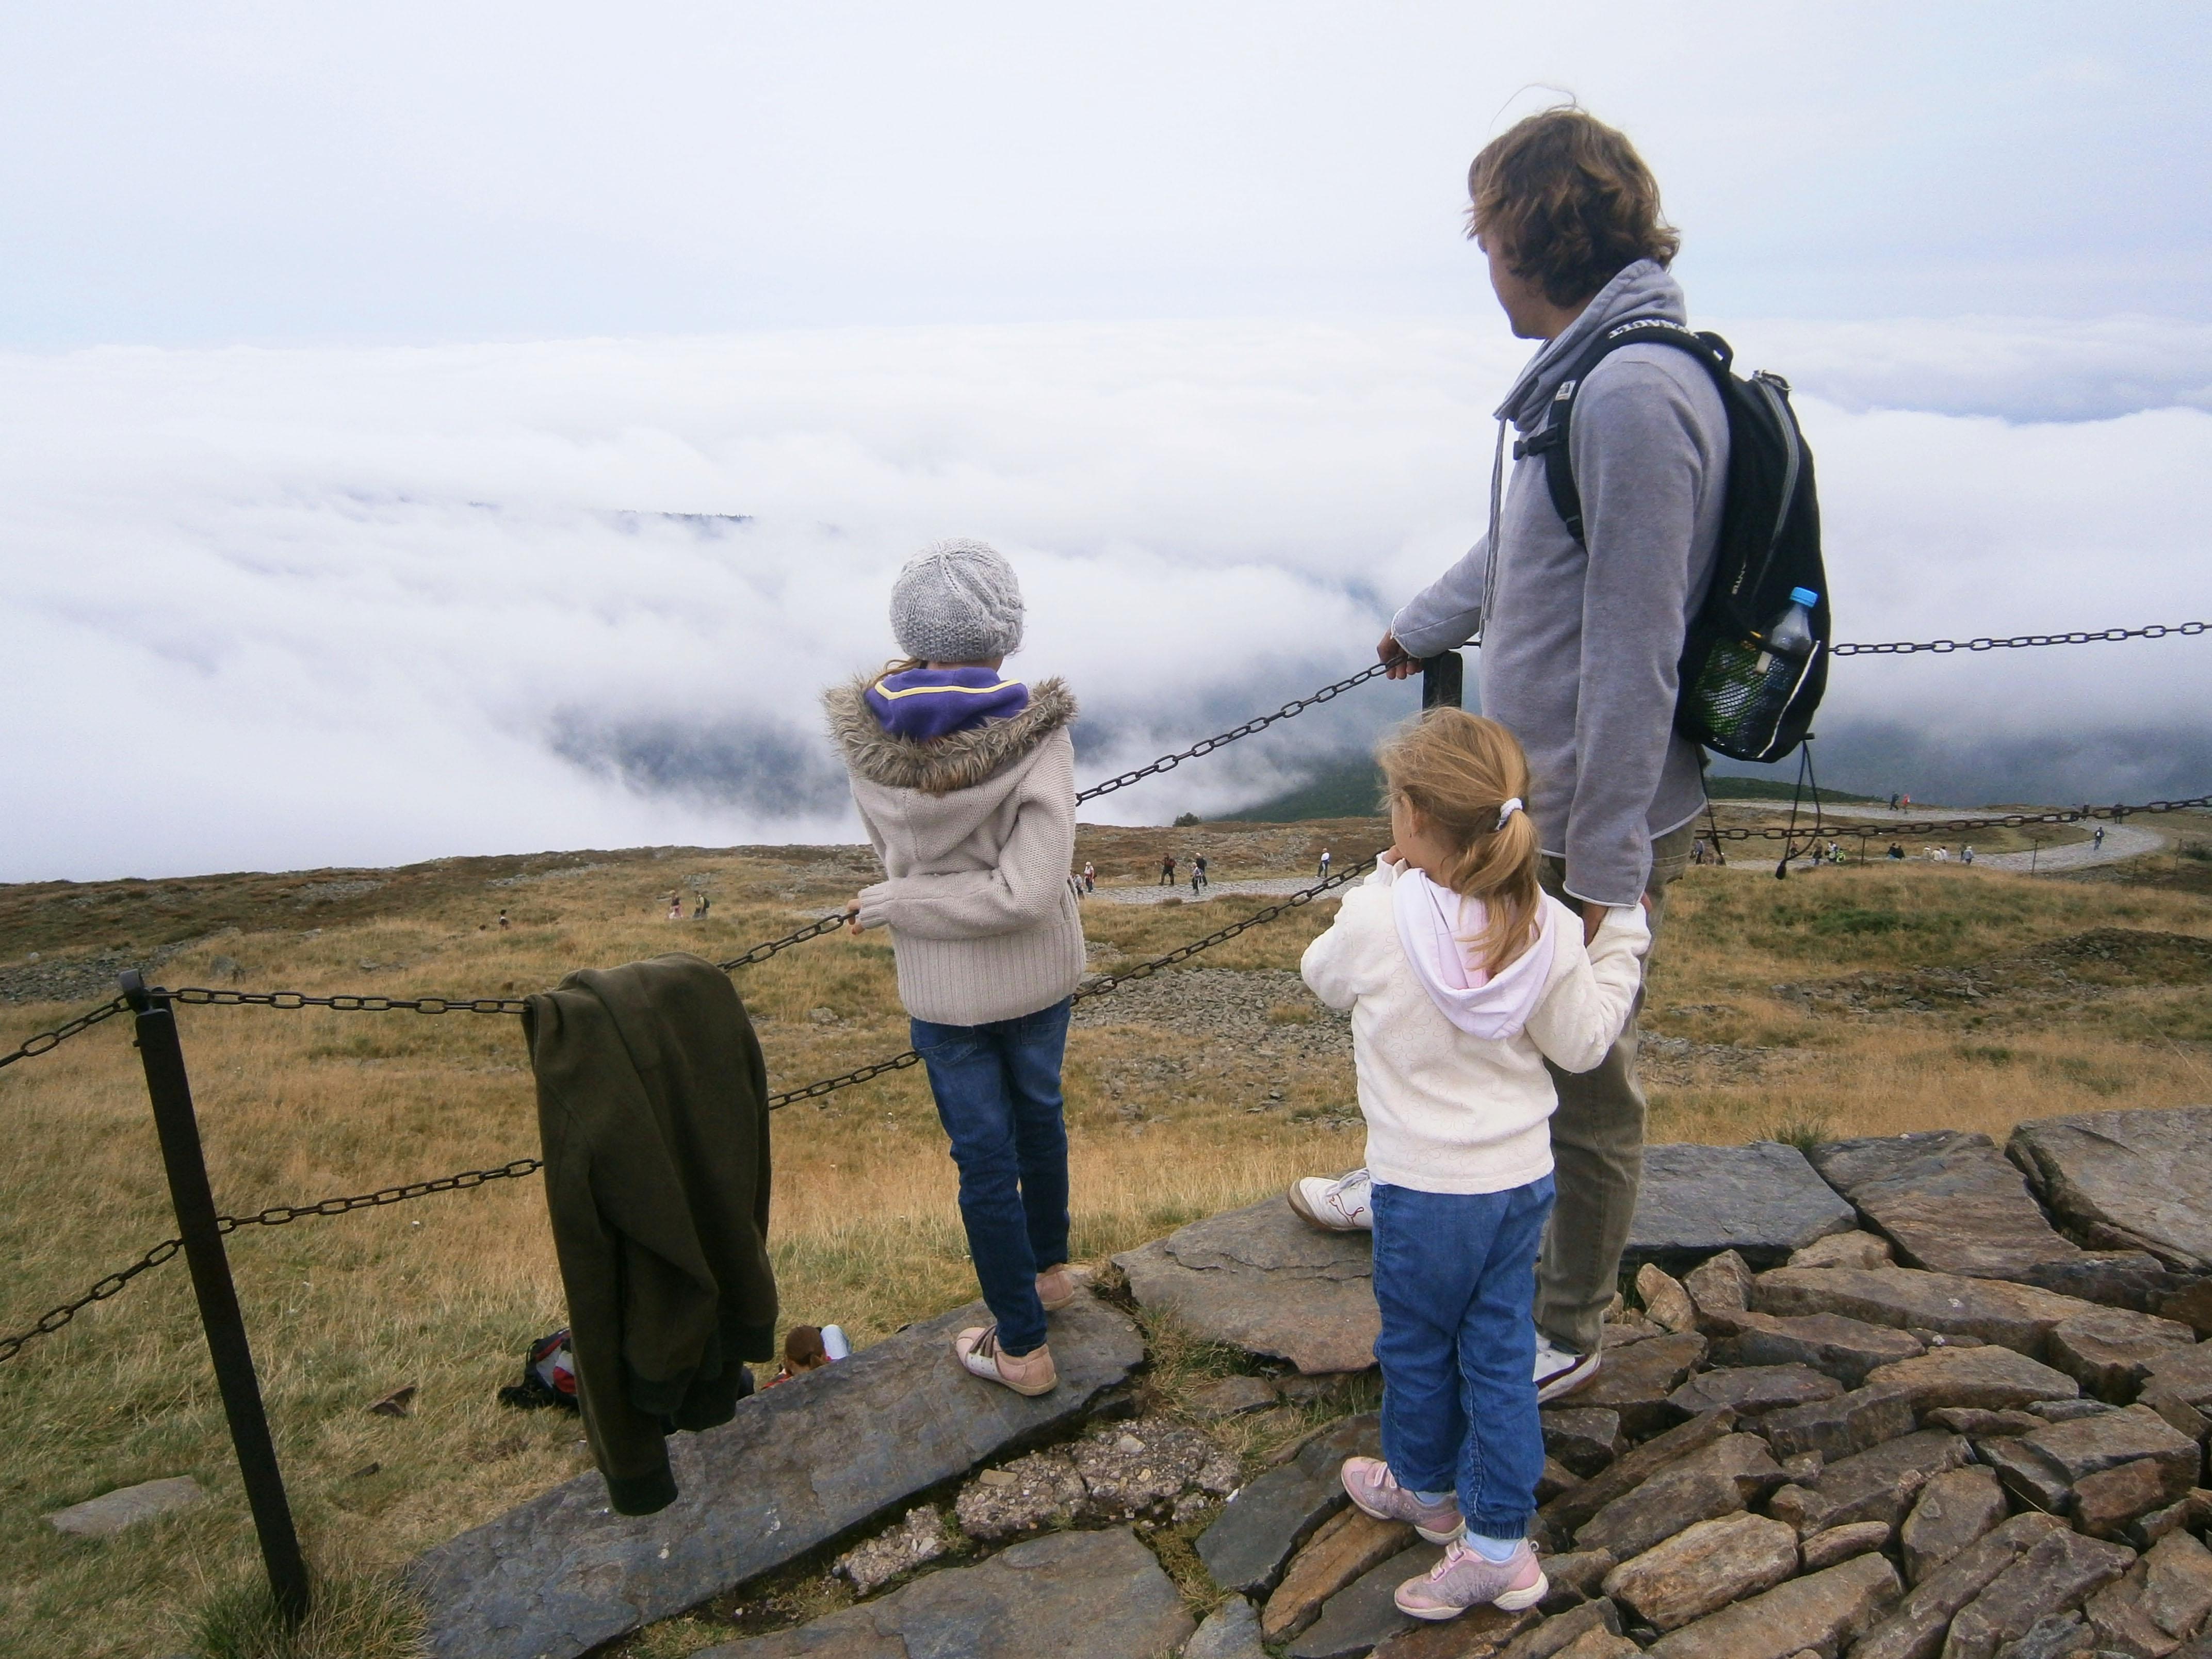 nad chmurami